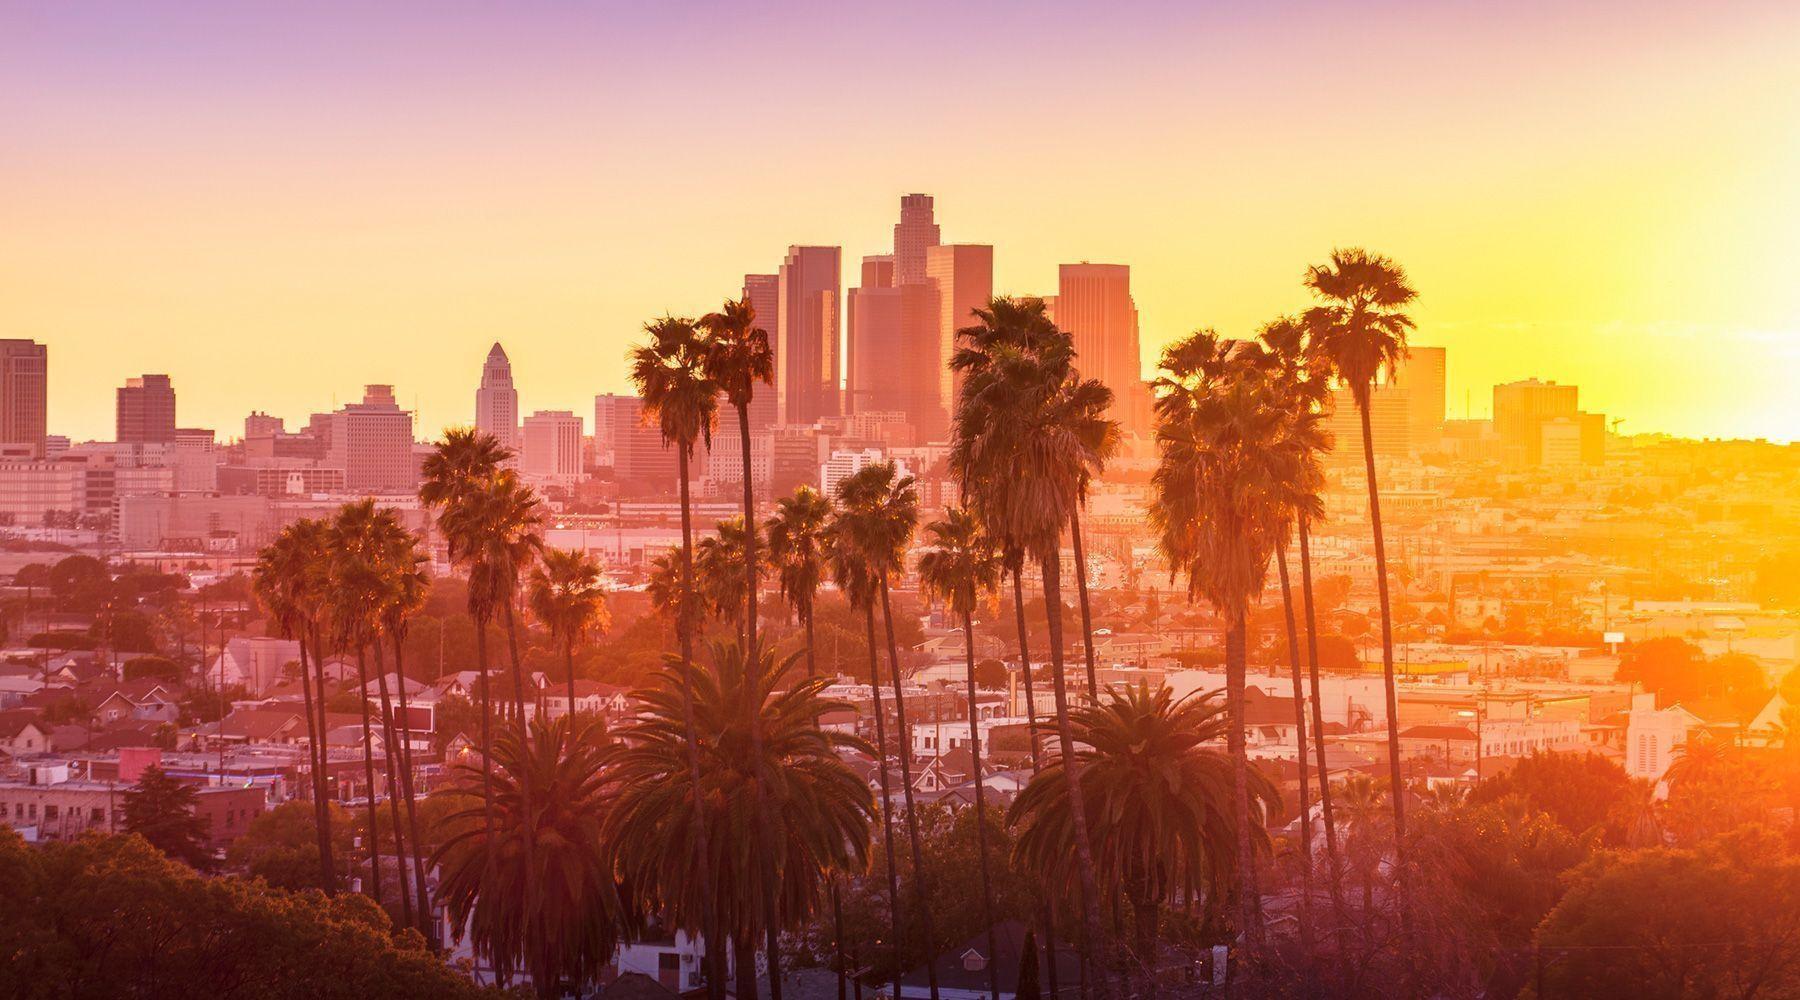 Du lịch Mỹ tết 2017 - Thành phố Los Angles